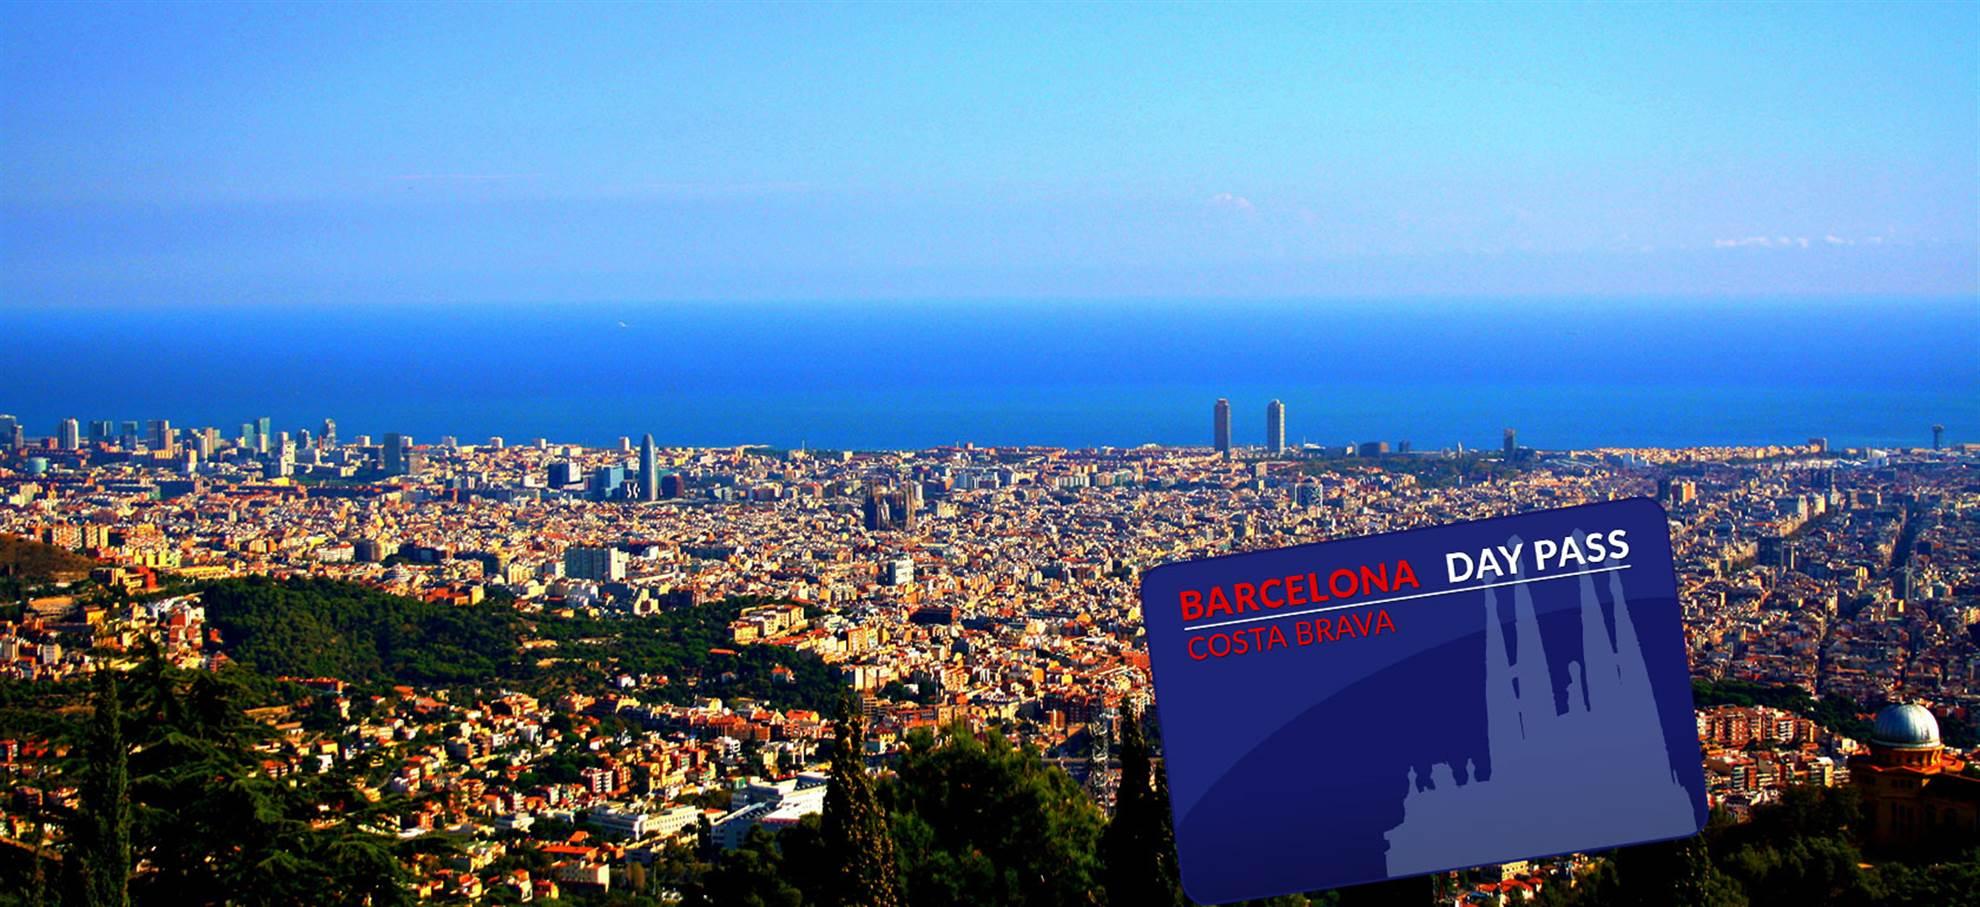 Costa Brava - Barcelona Dagpas